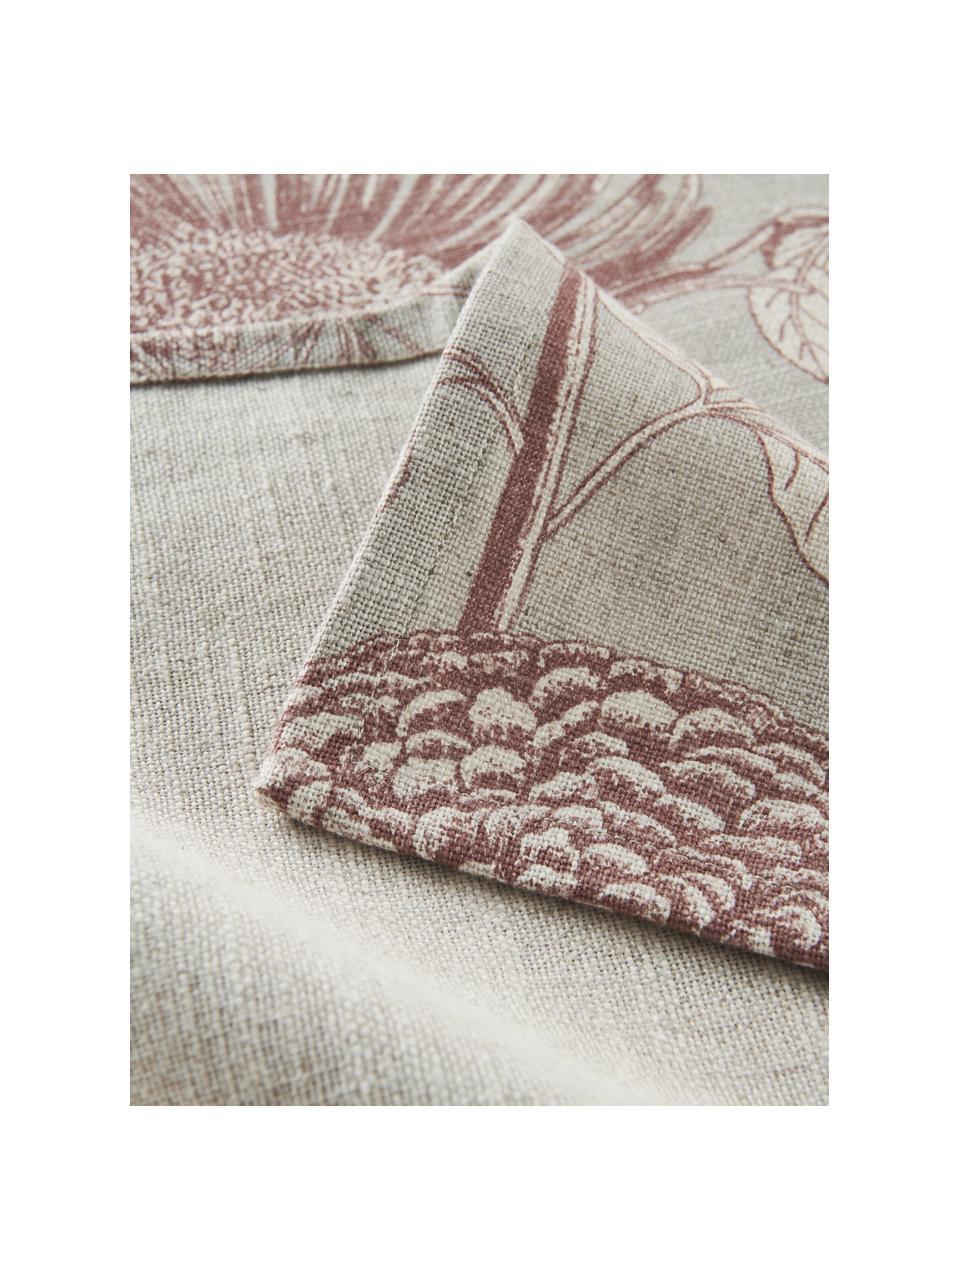 Baumwoll-Tischdecke Freya mit Blumenmotiv, 86% Baumwolle, 14% Leinen, Beige, Rot, Für 4 - 6 Personen (B 145 x L 200 cm)